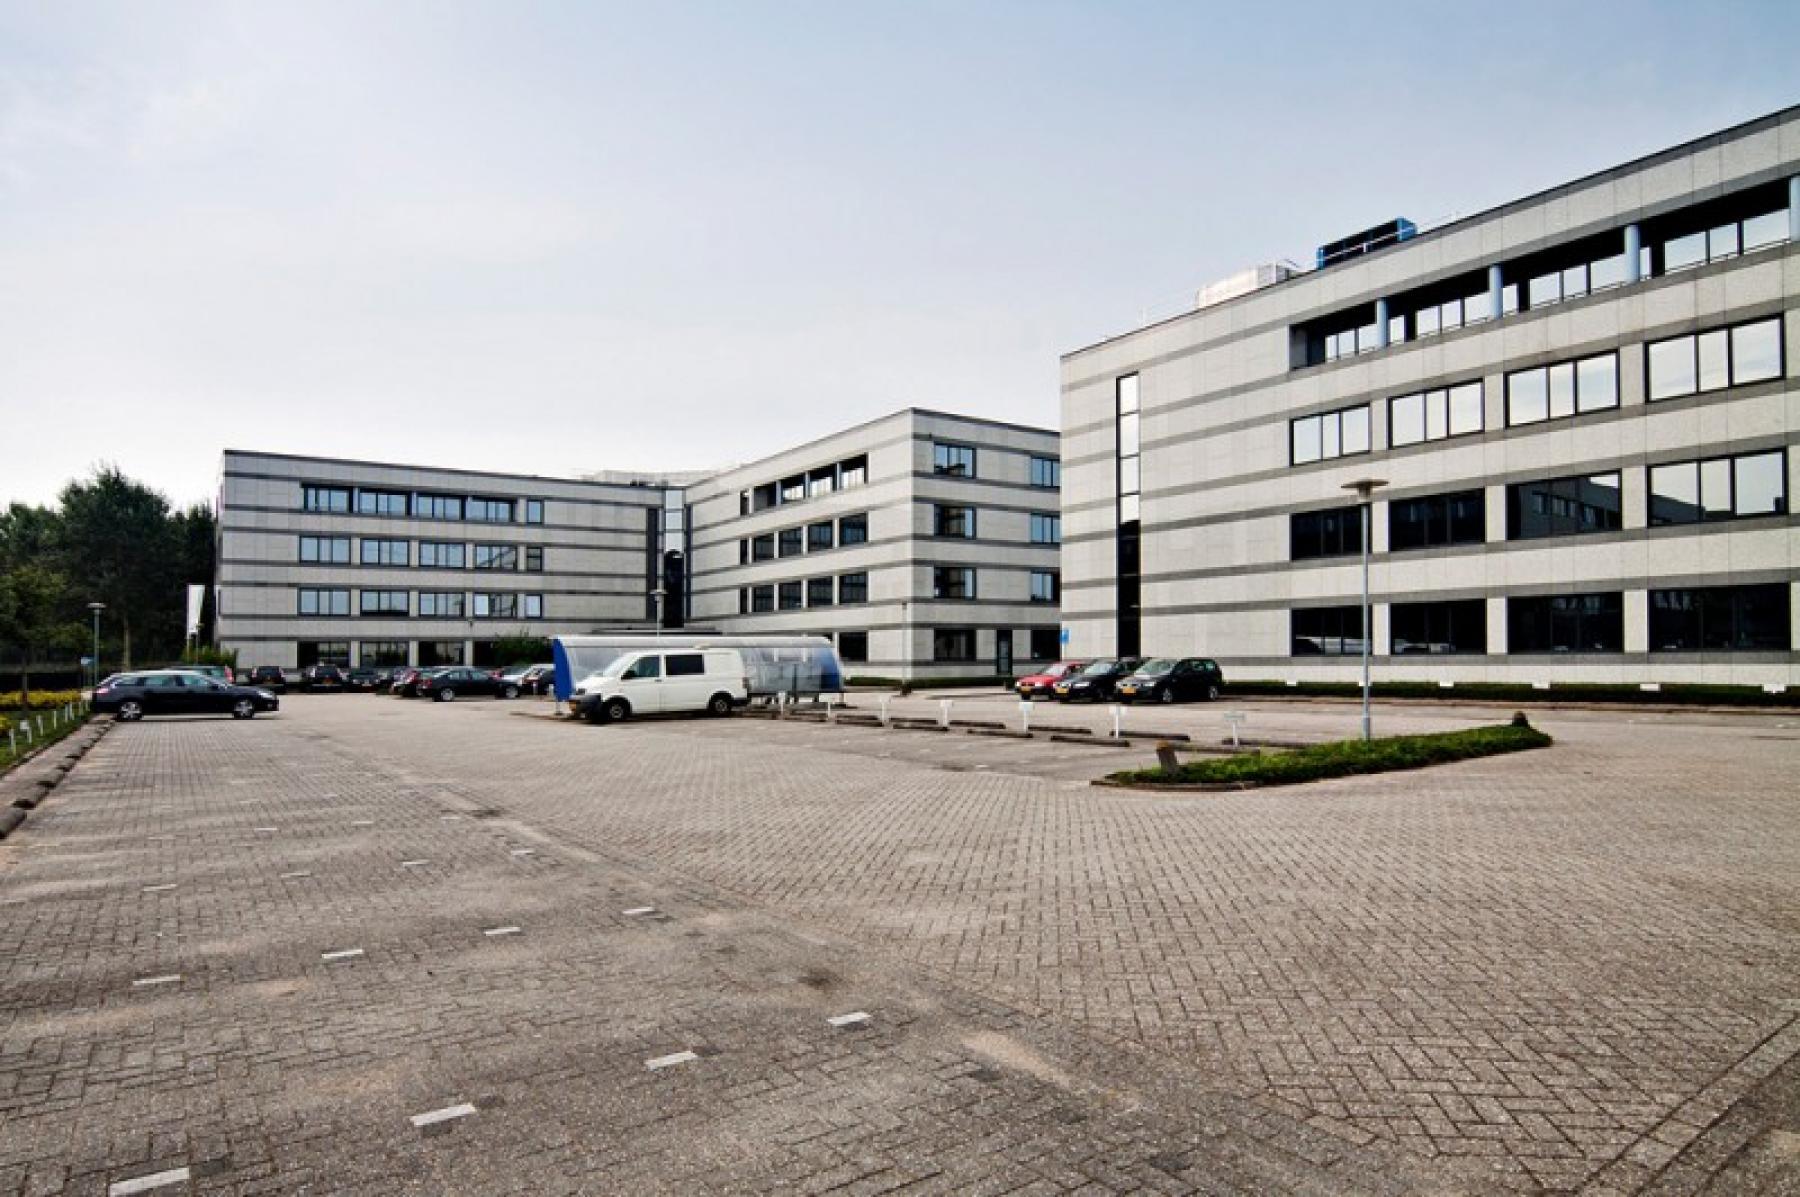 voldoende parkeerruimte aanwezig bij het huren van kantoorruimte in almere